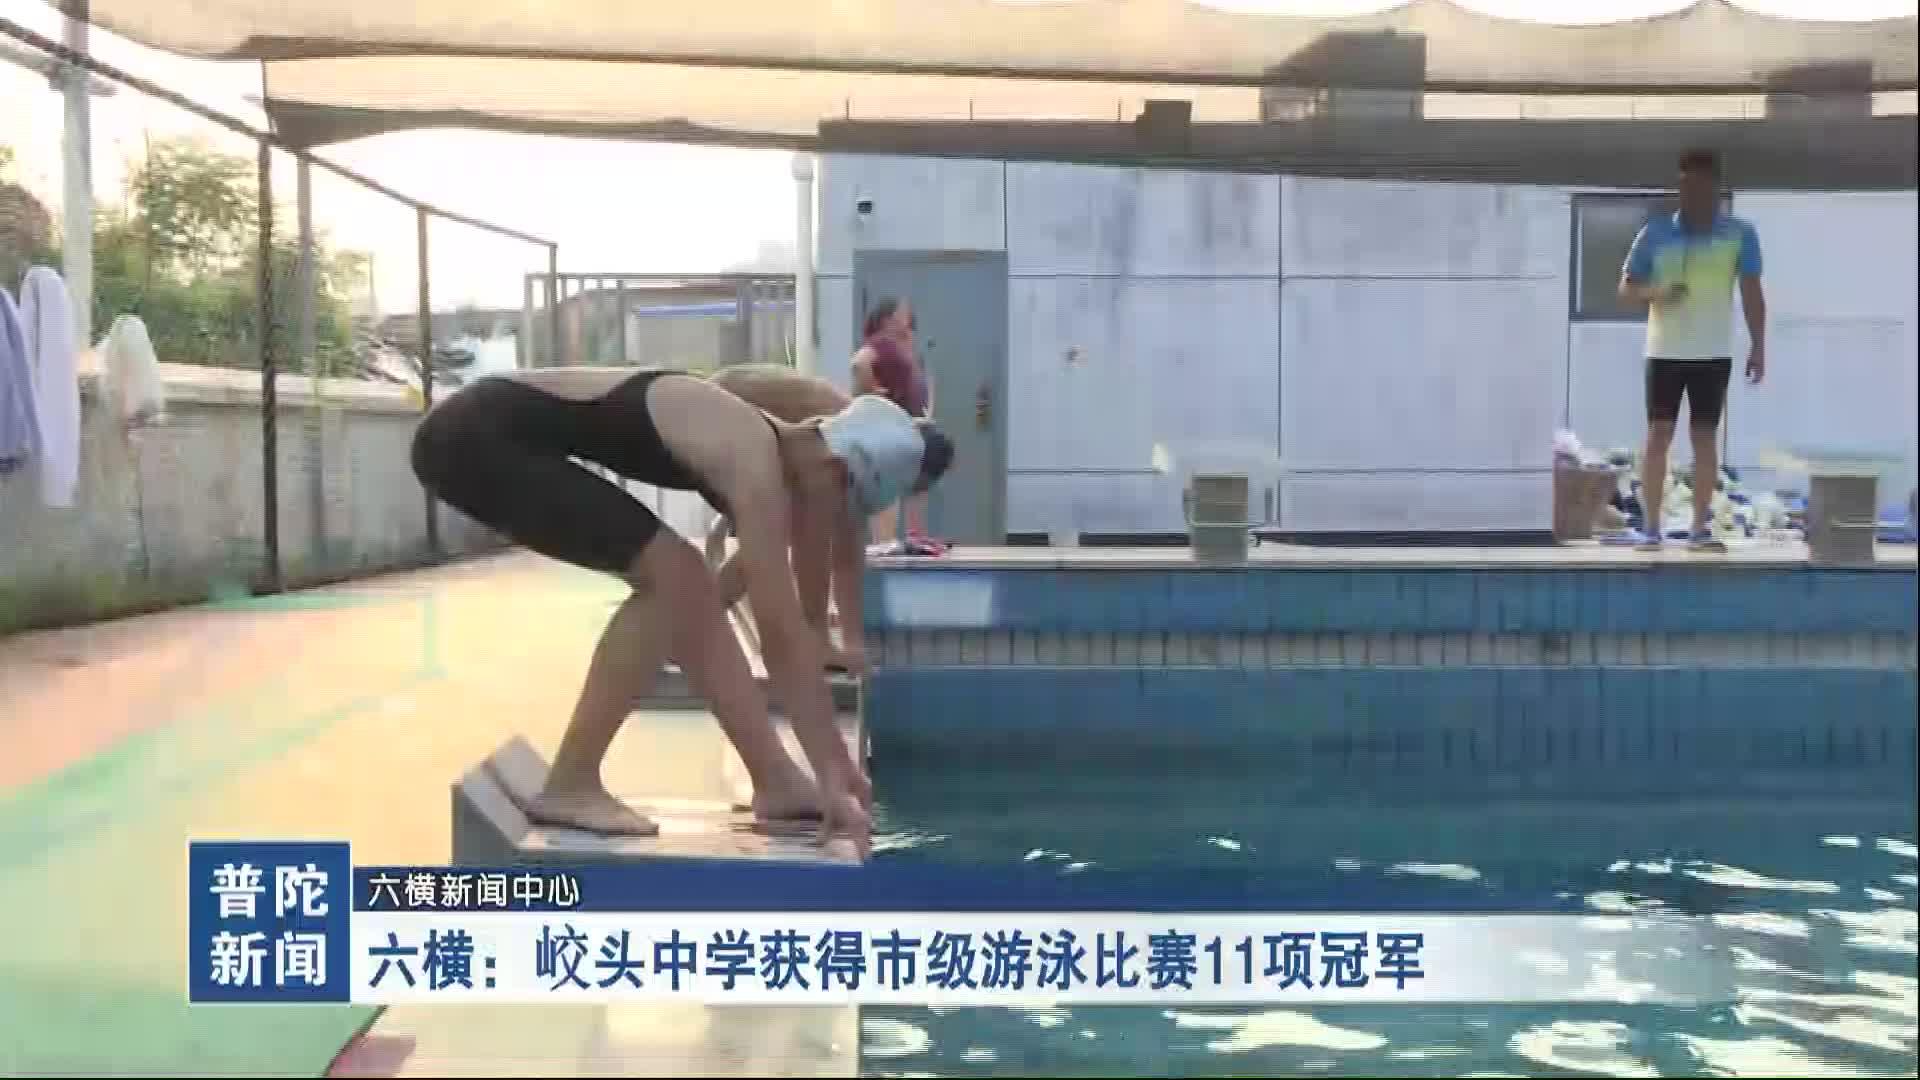 六横:�j头中学获得市级游泳比赛11项冠军